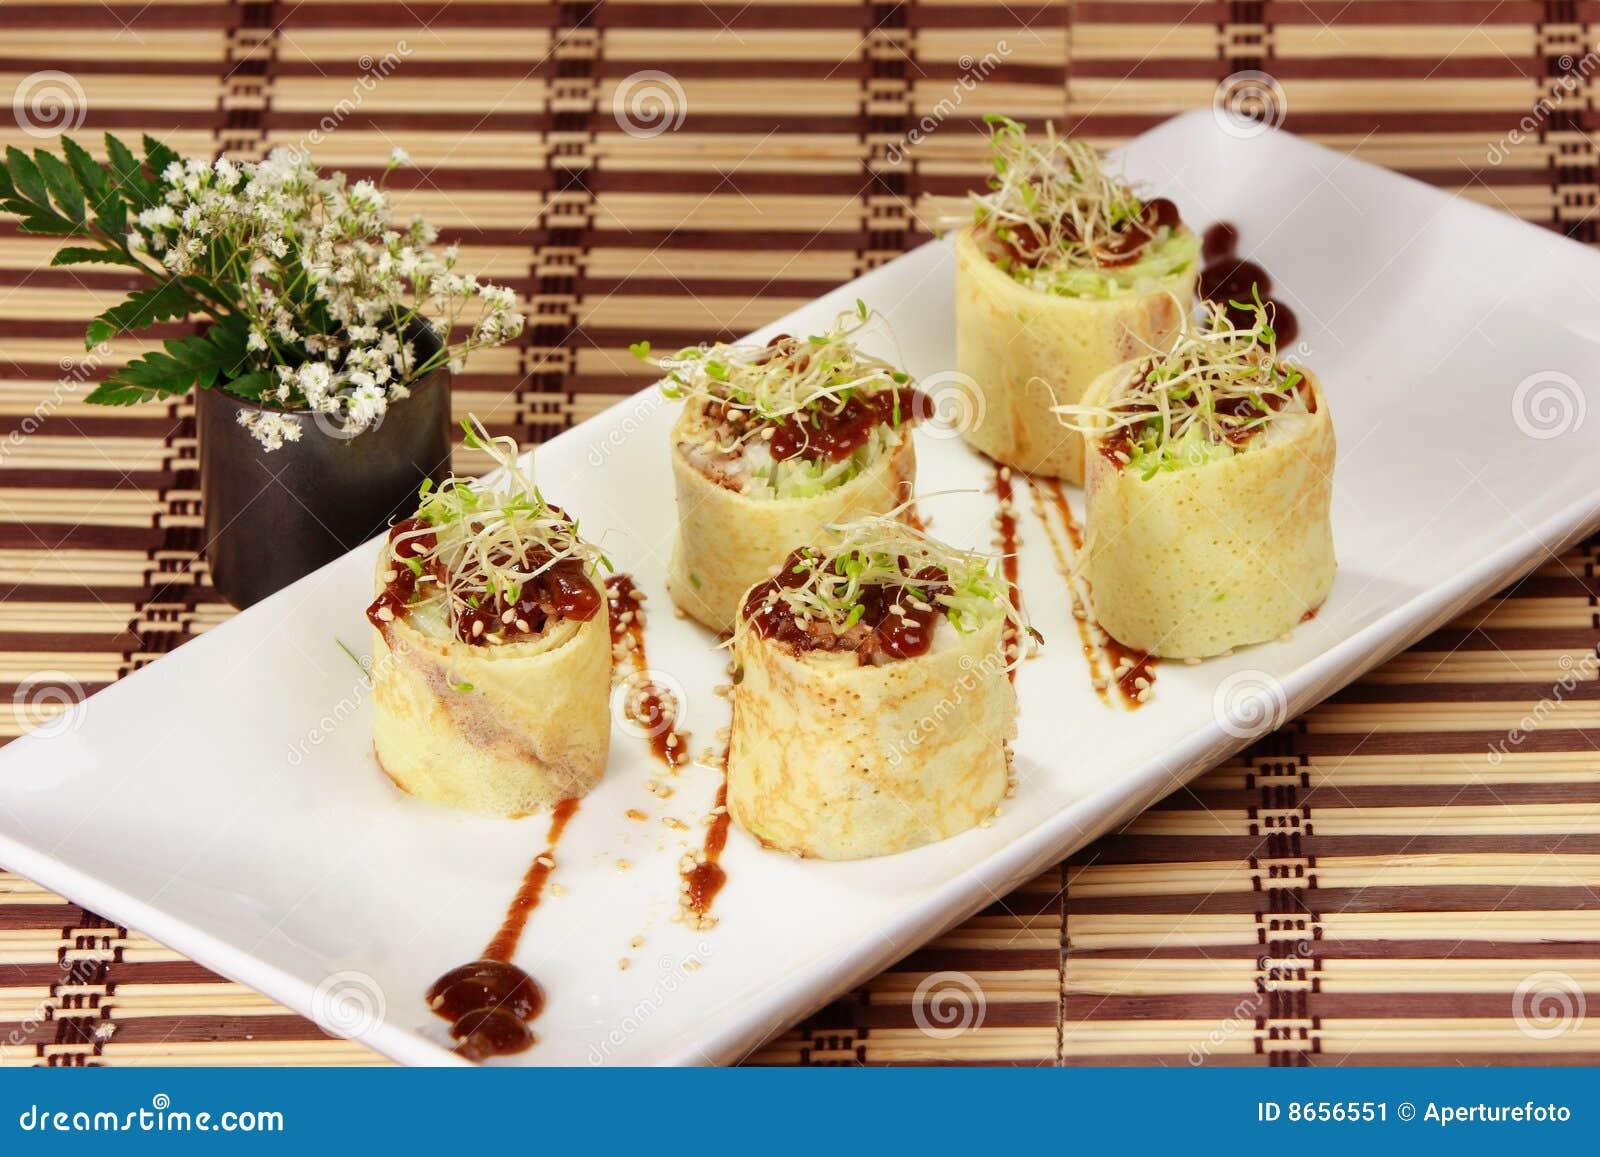 Japanese Rolled Omelet-Tamagoyaki(dashimaki) Stock Image - Image ...